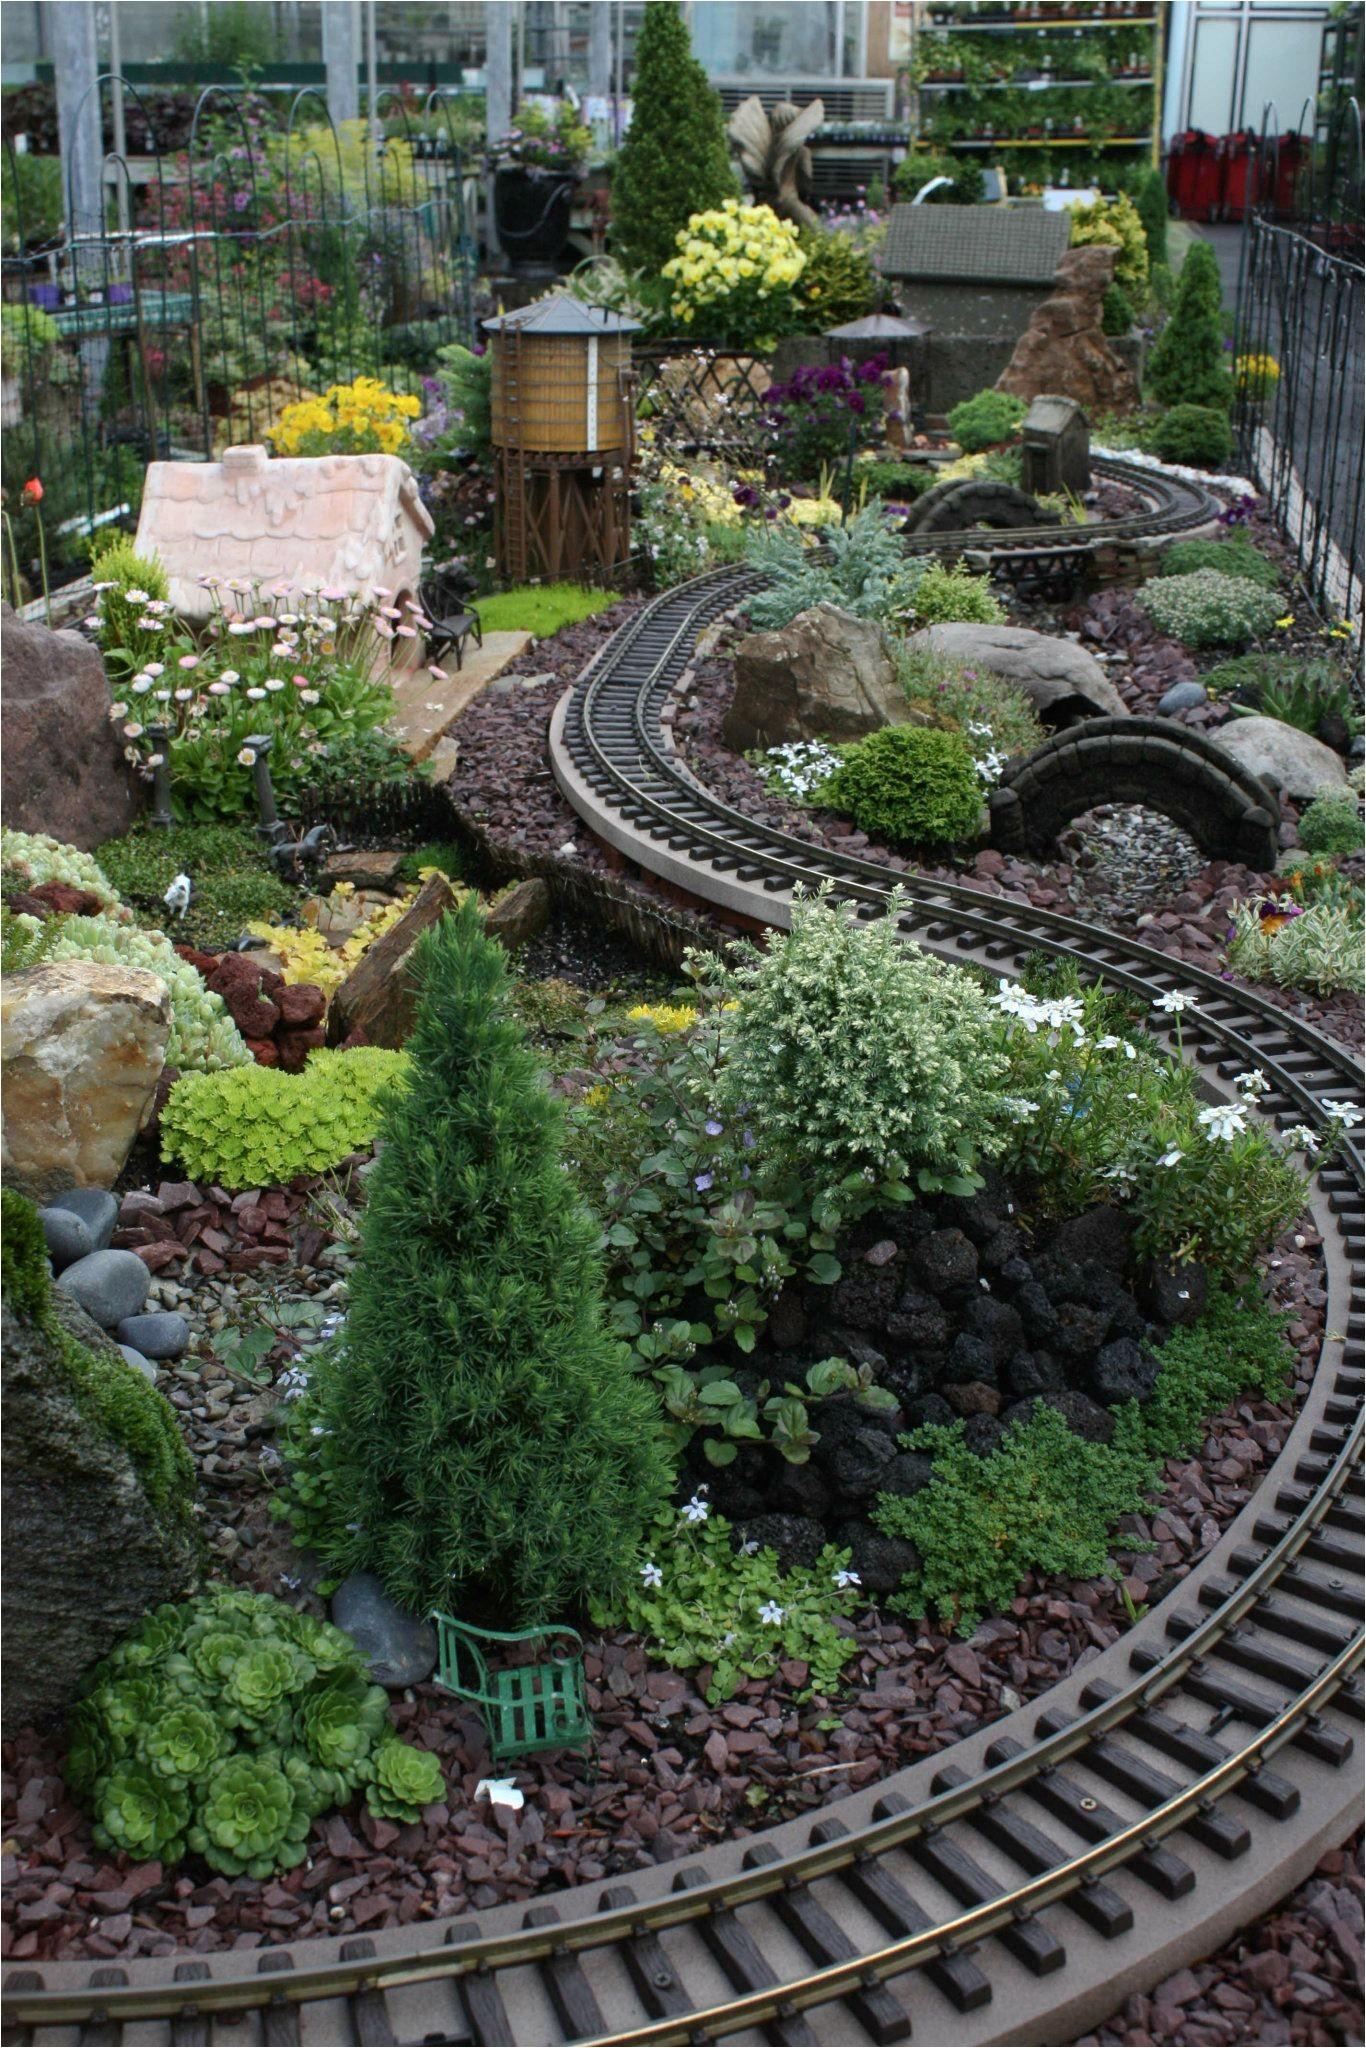 Garden Trains See This Train Chug Through the Miniature Garden at Our Fair Oaks